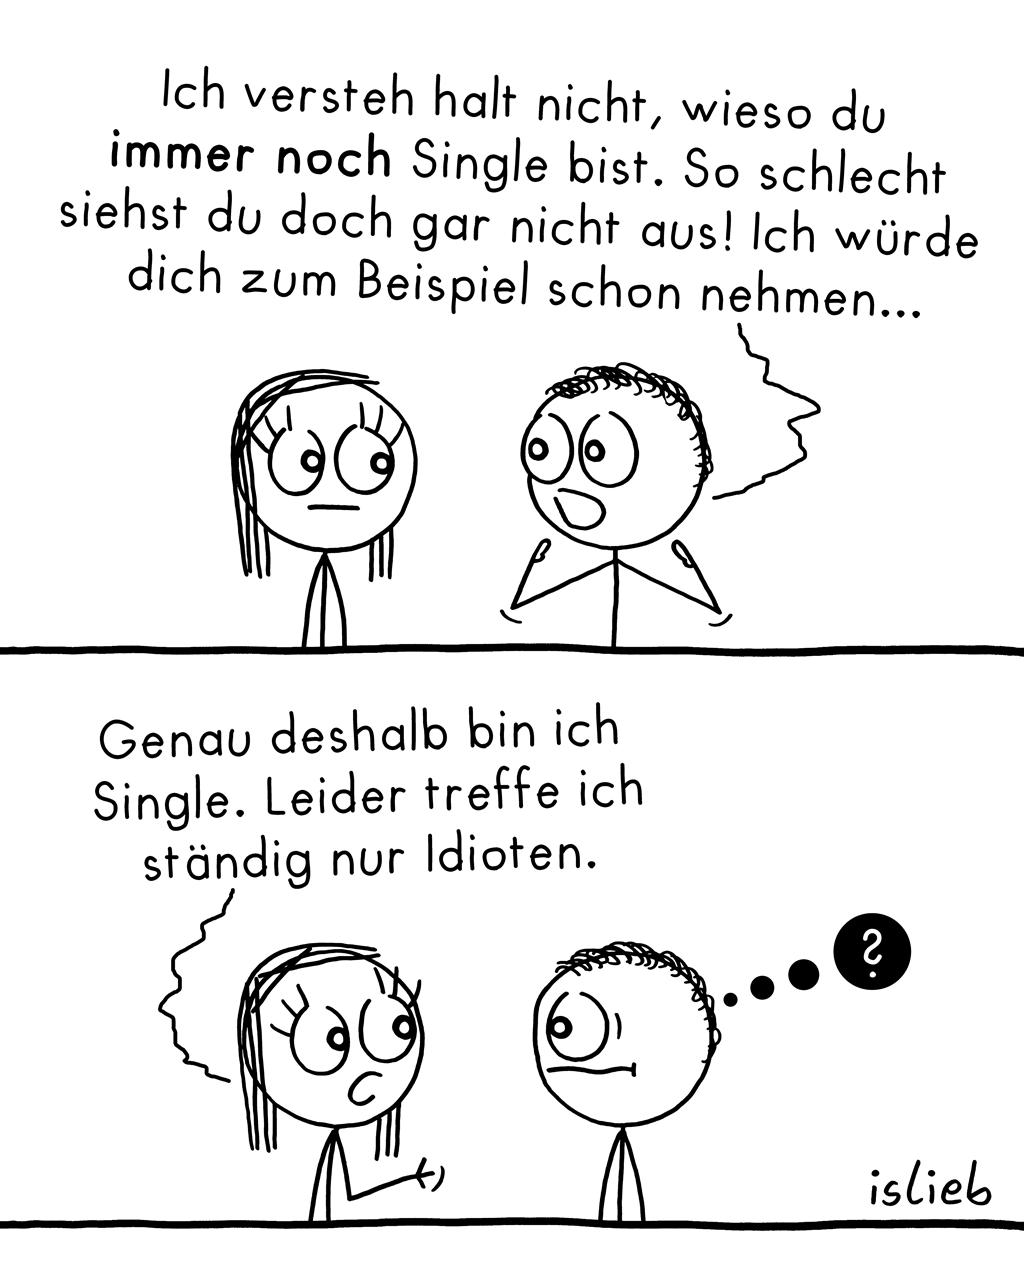 Immer noch Single? | Strichmännchen-Comic | is lieb?